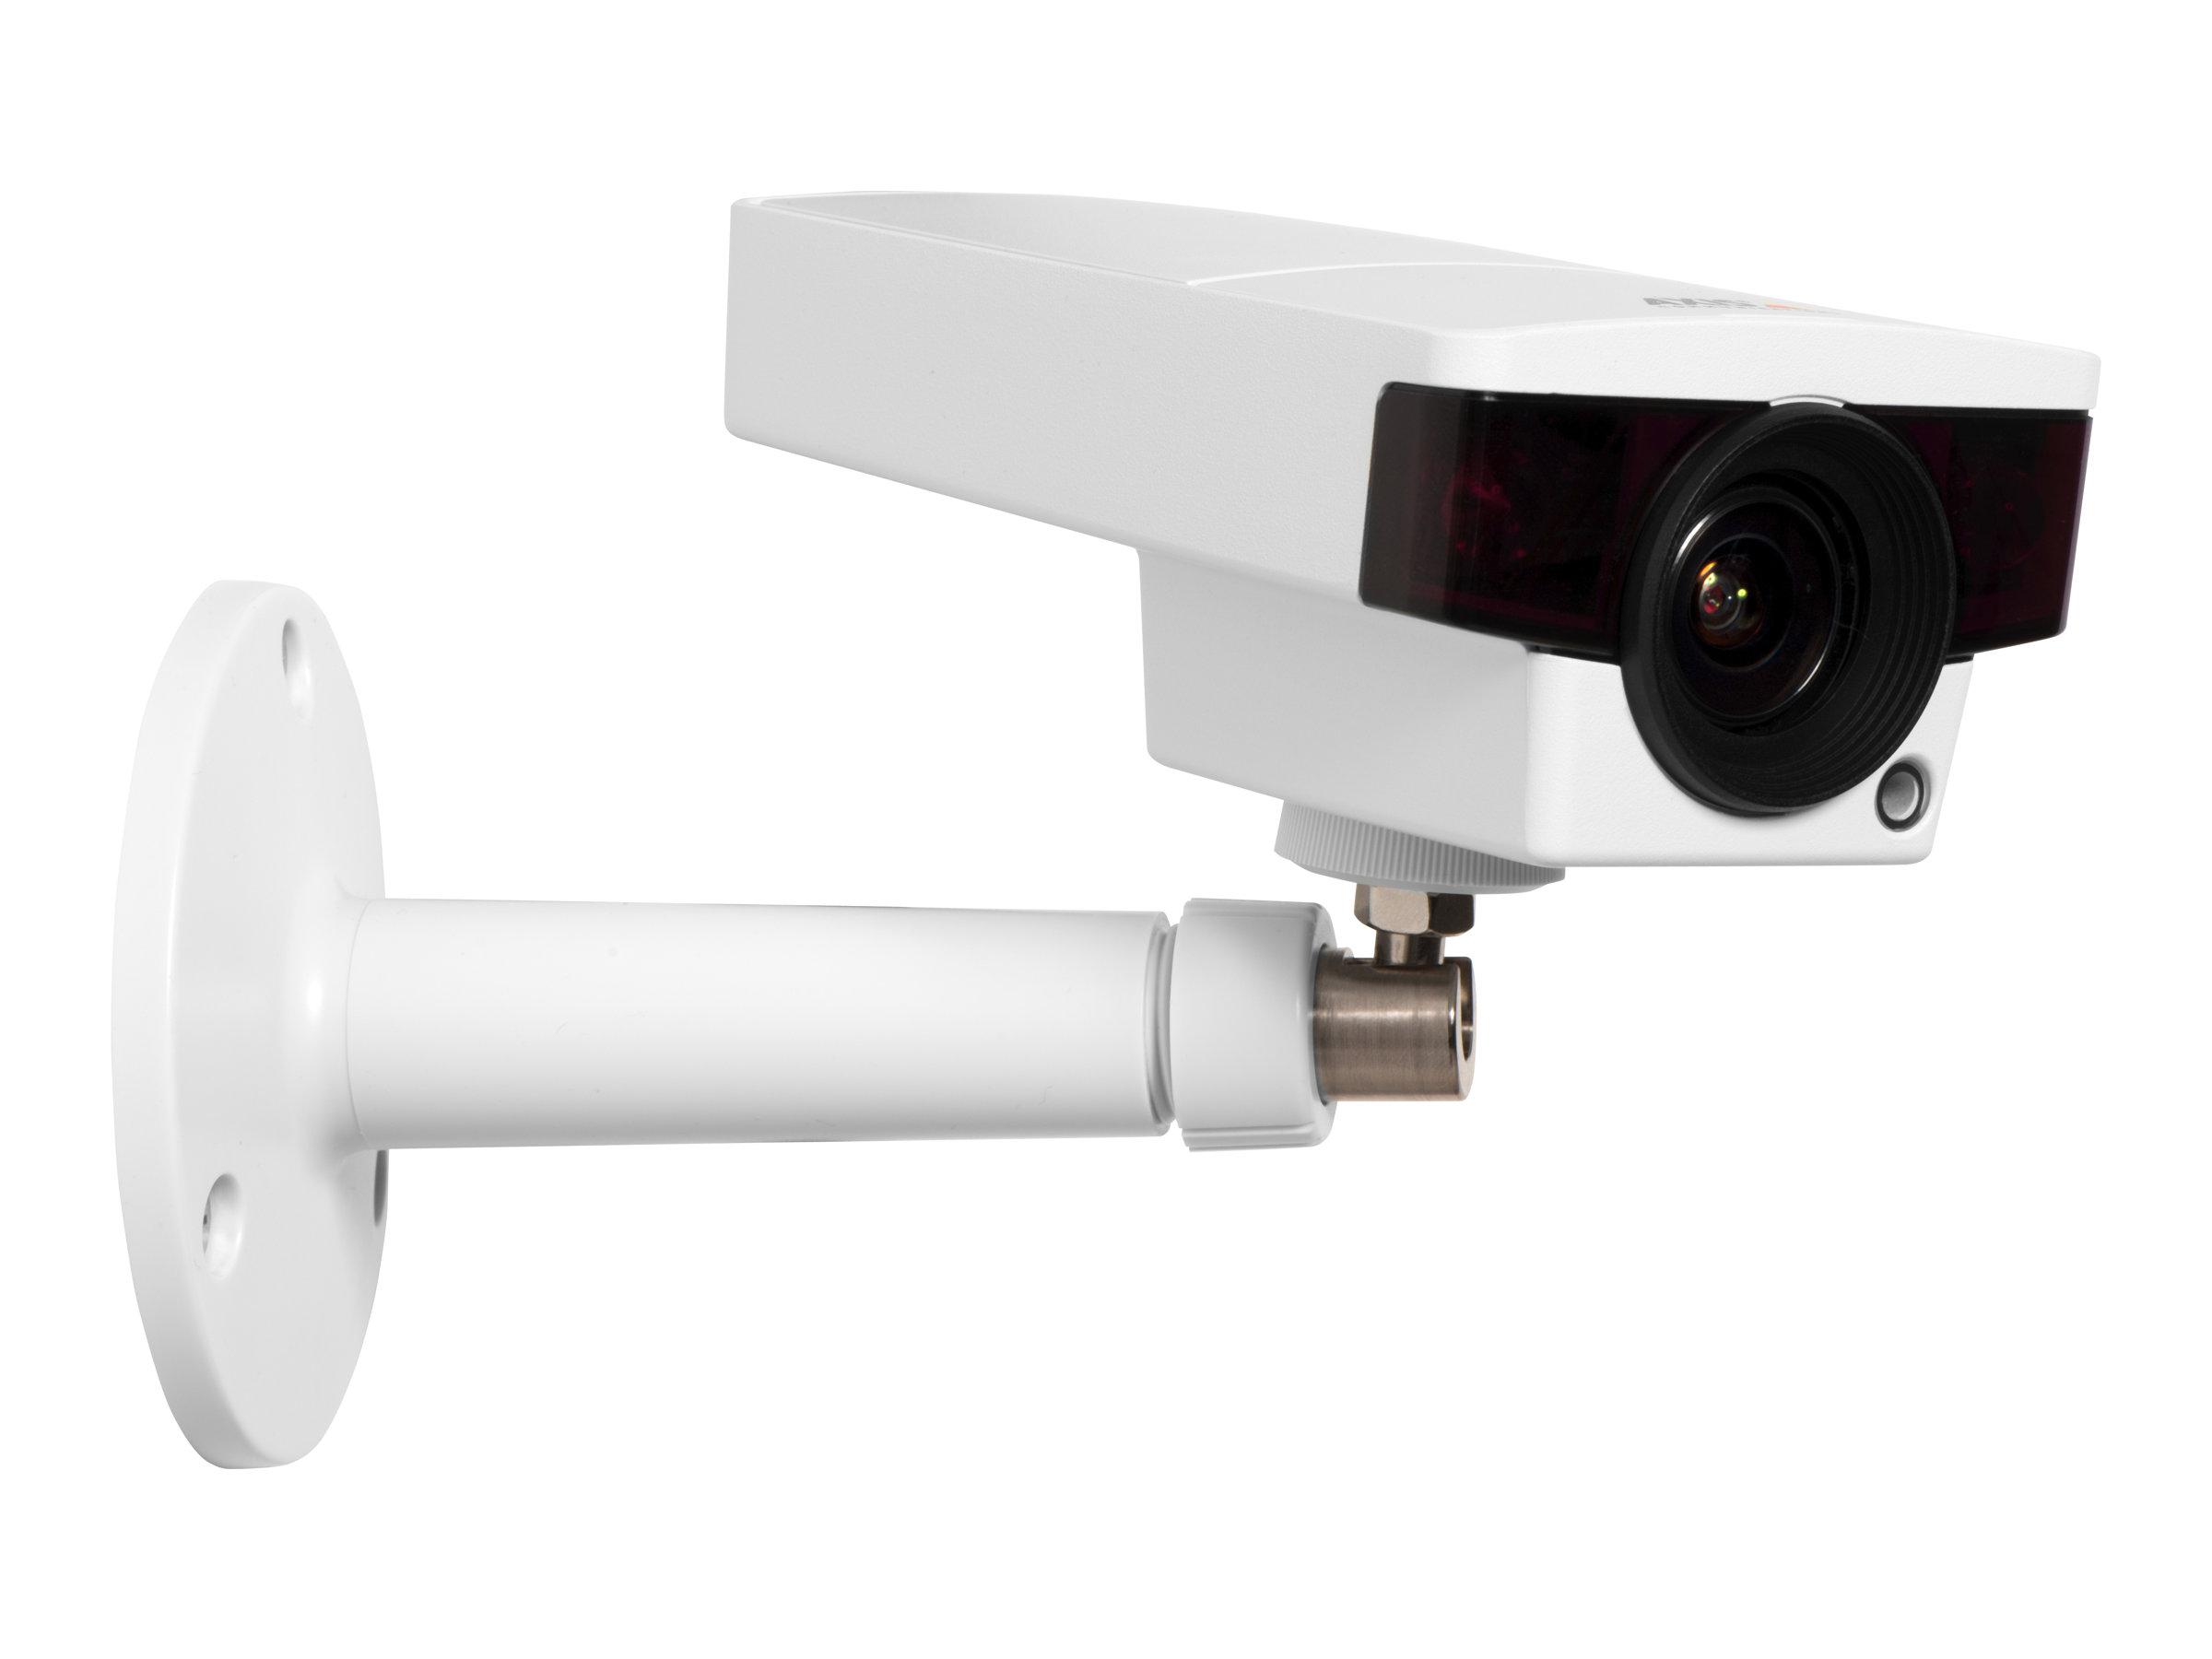 AXIS M1145-L Network Camera - Netzwerk-Überwachungskamera - Farbe (Tag&Nacht) - 1920 x 1080 - Automatische Irisblende - verschie